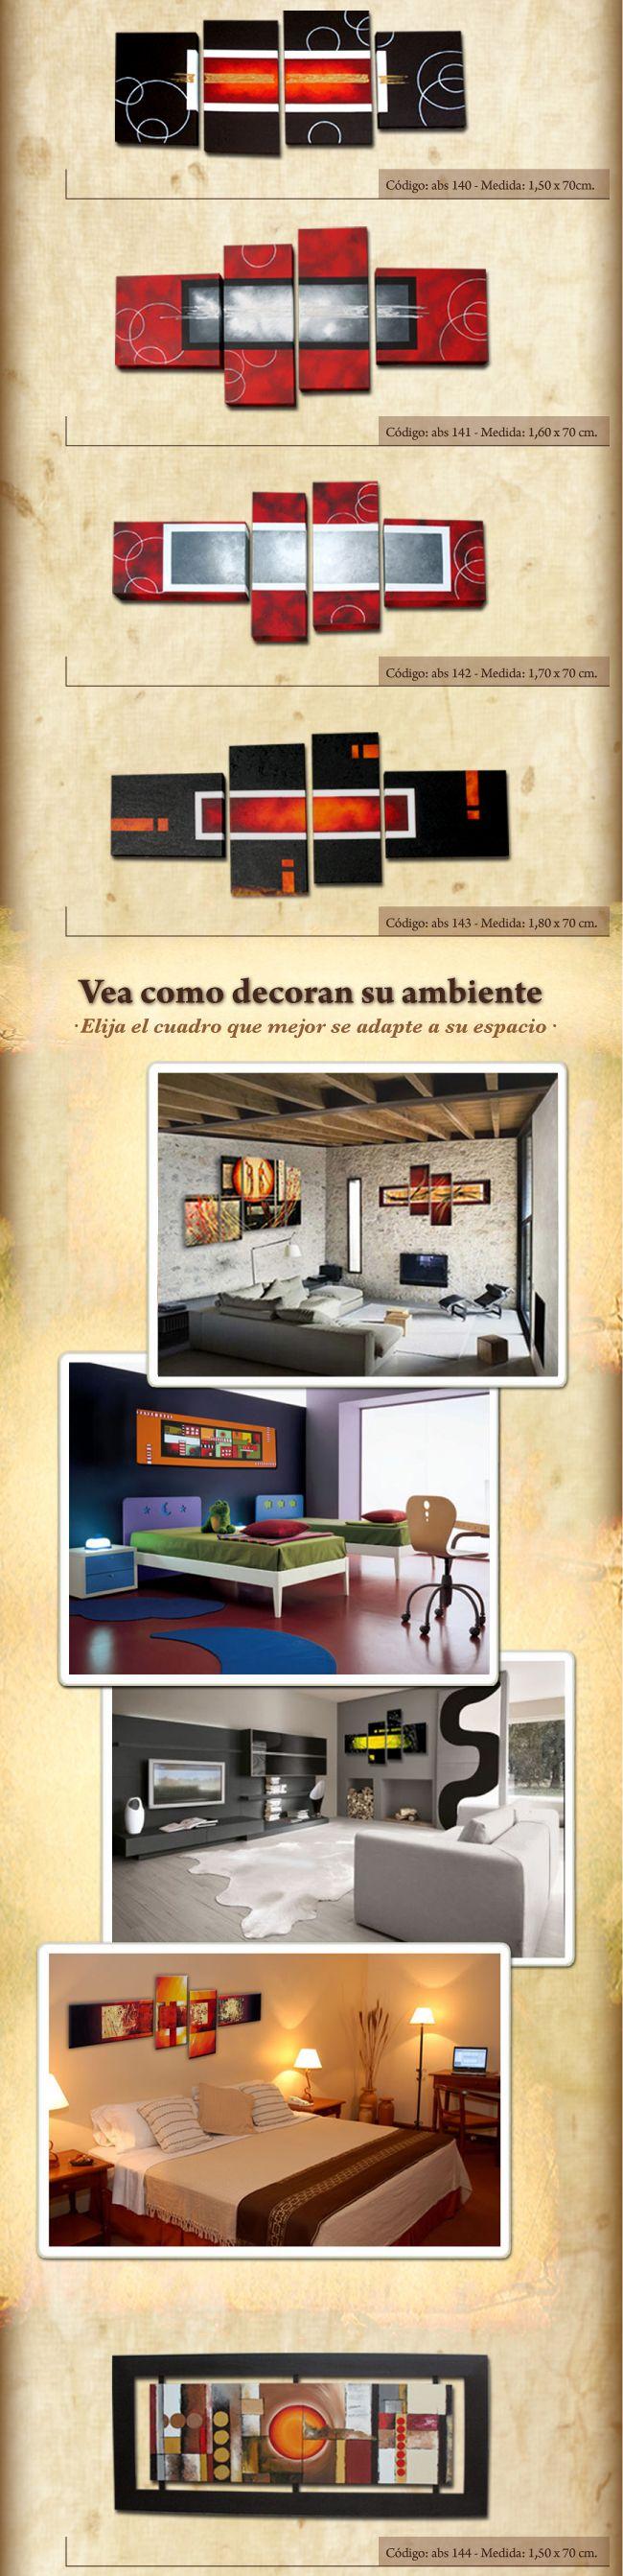 Cuadros Modernos Tripticos Decorativos Abstractos Roggero - $ 820,00 en MercadoLibre